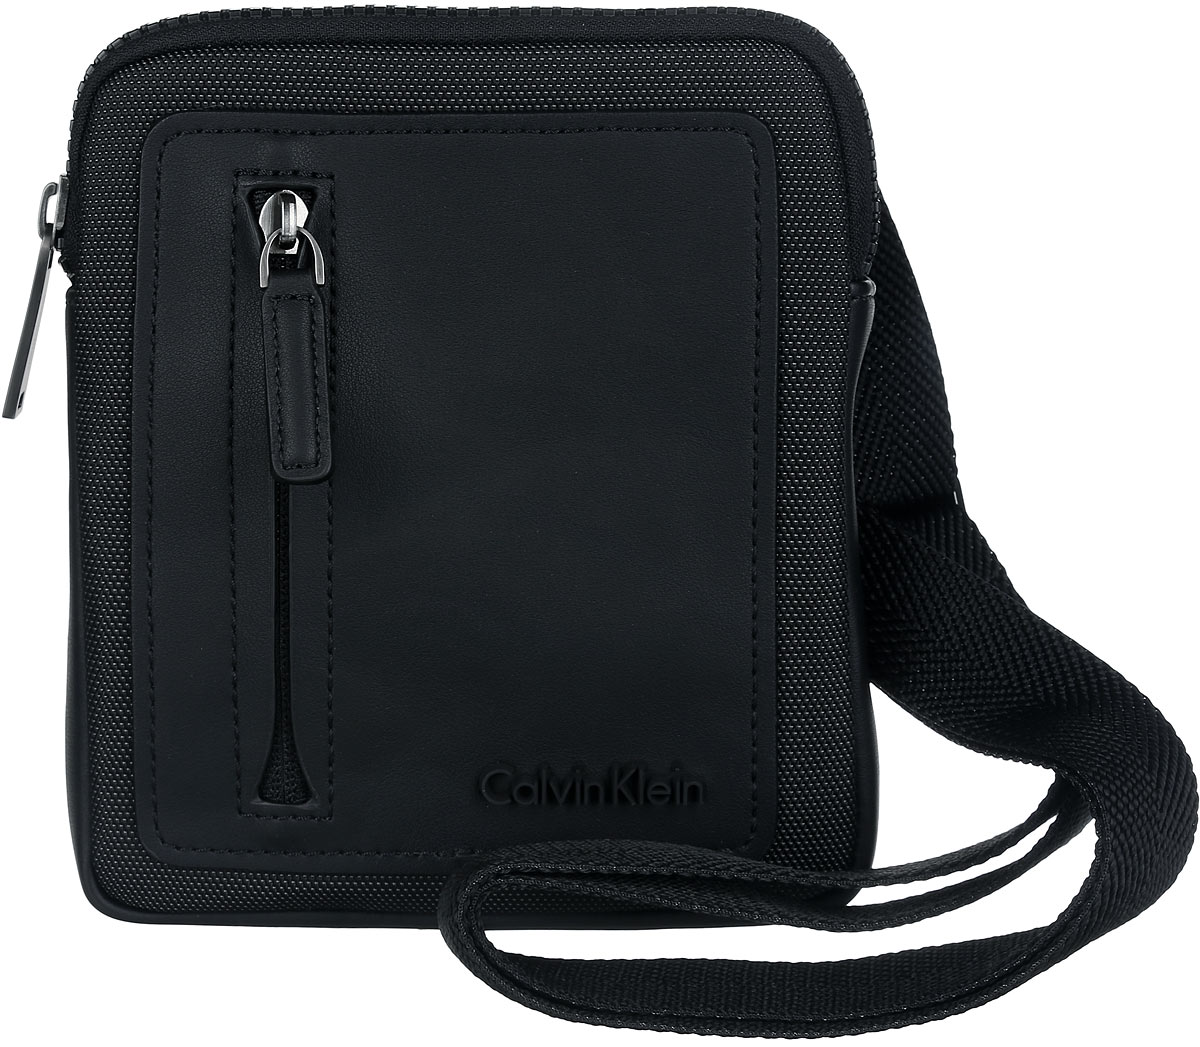 Сумка мужская Calvin Klein Jeans, цвет: черный. K50K501607_0010R0216Т11Стильная сумка Calvin Klein выполнена из полиуретана и текстиля, оформлена символикой бренда.Изделие содержит одно отделение, которое закрывается на застежку-молнию. Внутри сумки размещены накладной кармашек для мелочей и врезной карман на застежке-молнии. Сумка оснащена плечевым ремнем регулируемой длины. Лицевая сторона дополнена накладным карманом на молнии. В комплекте с изделием поставляется чехол для хранения.Модная сумка идеально подчеркнет ваш неповторимый стиль.